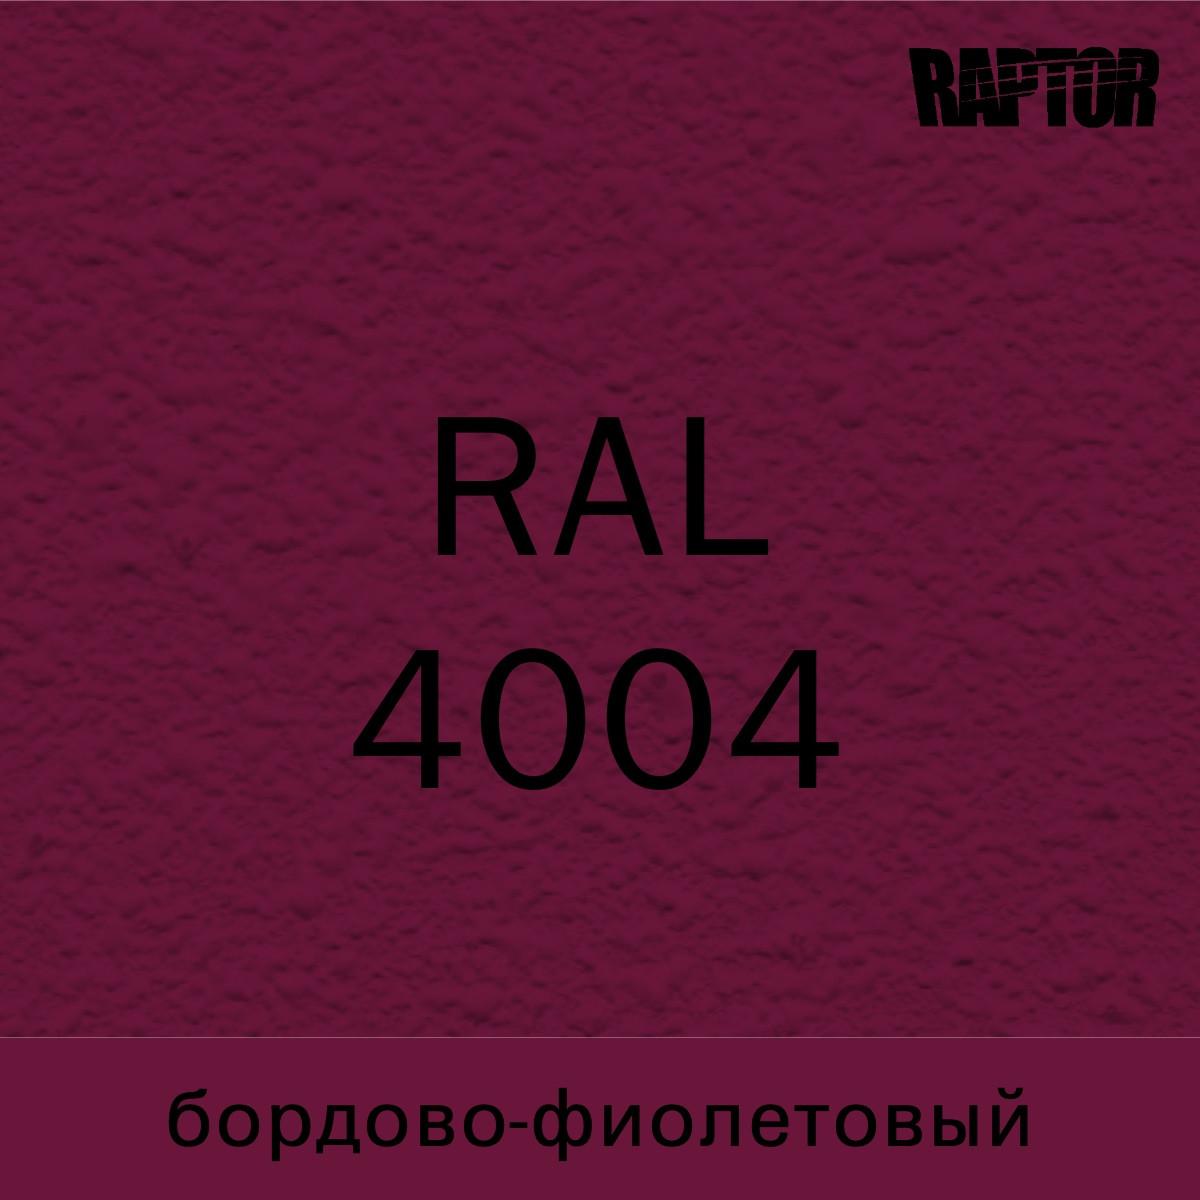 Пигмент для колеровки покрытия RAPTOR™ Бордово-фиолетовый (RAL 4004)